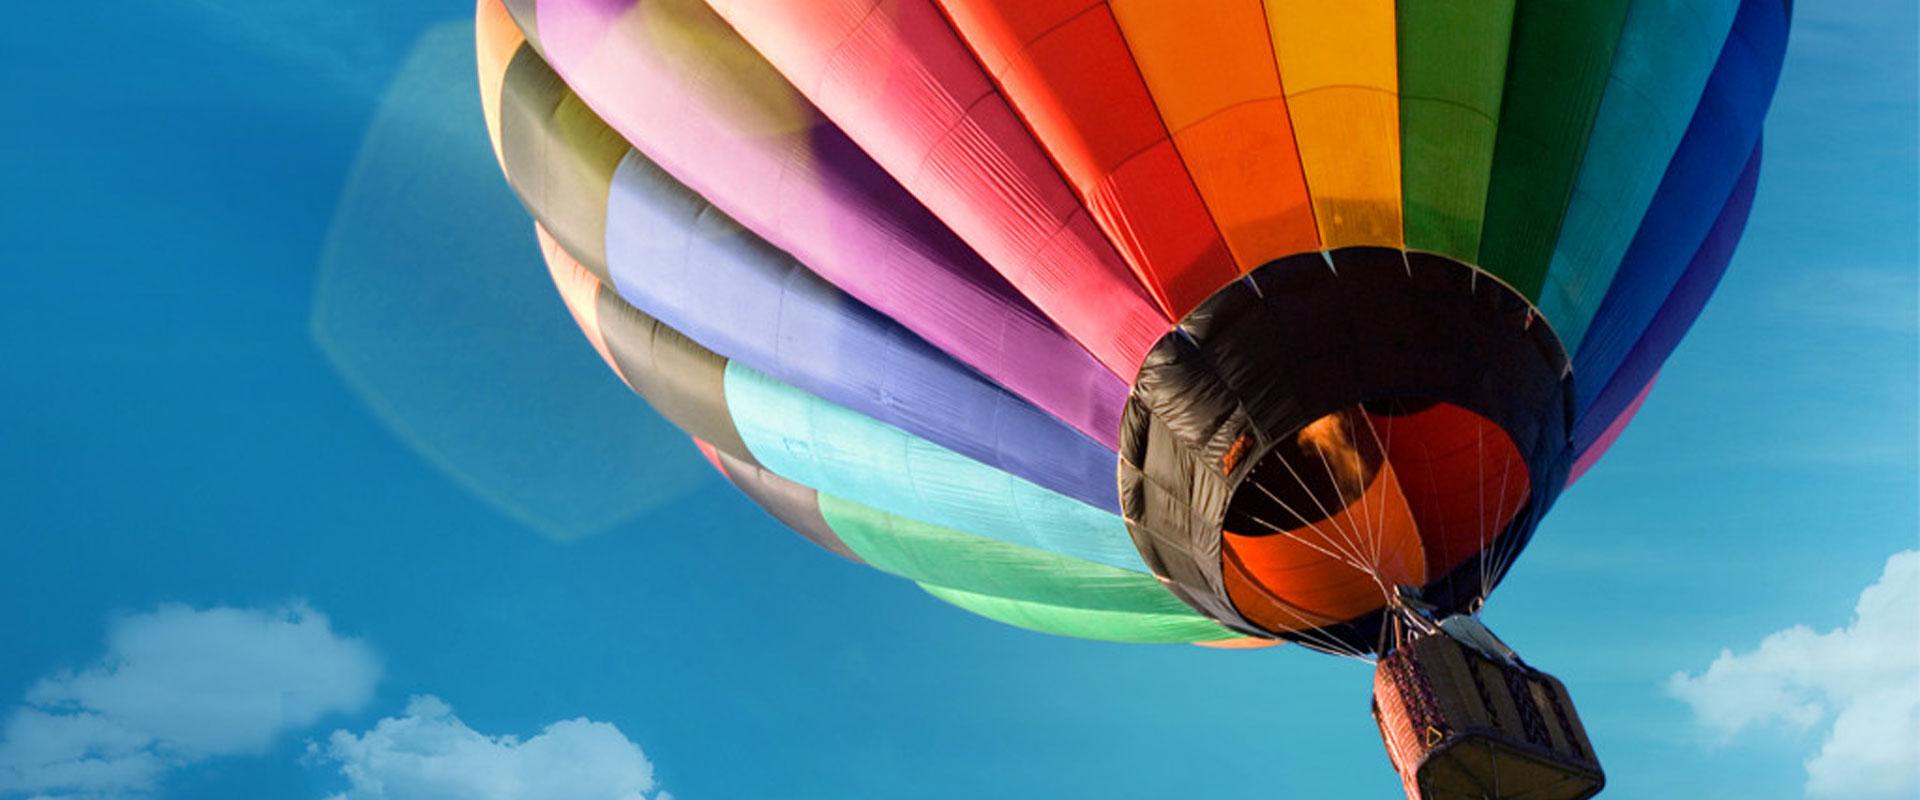 dei veri colori...